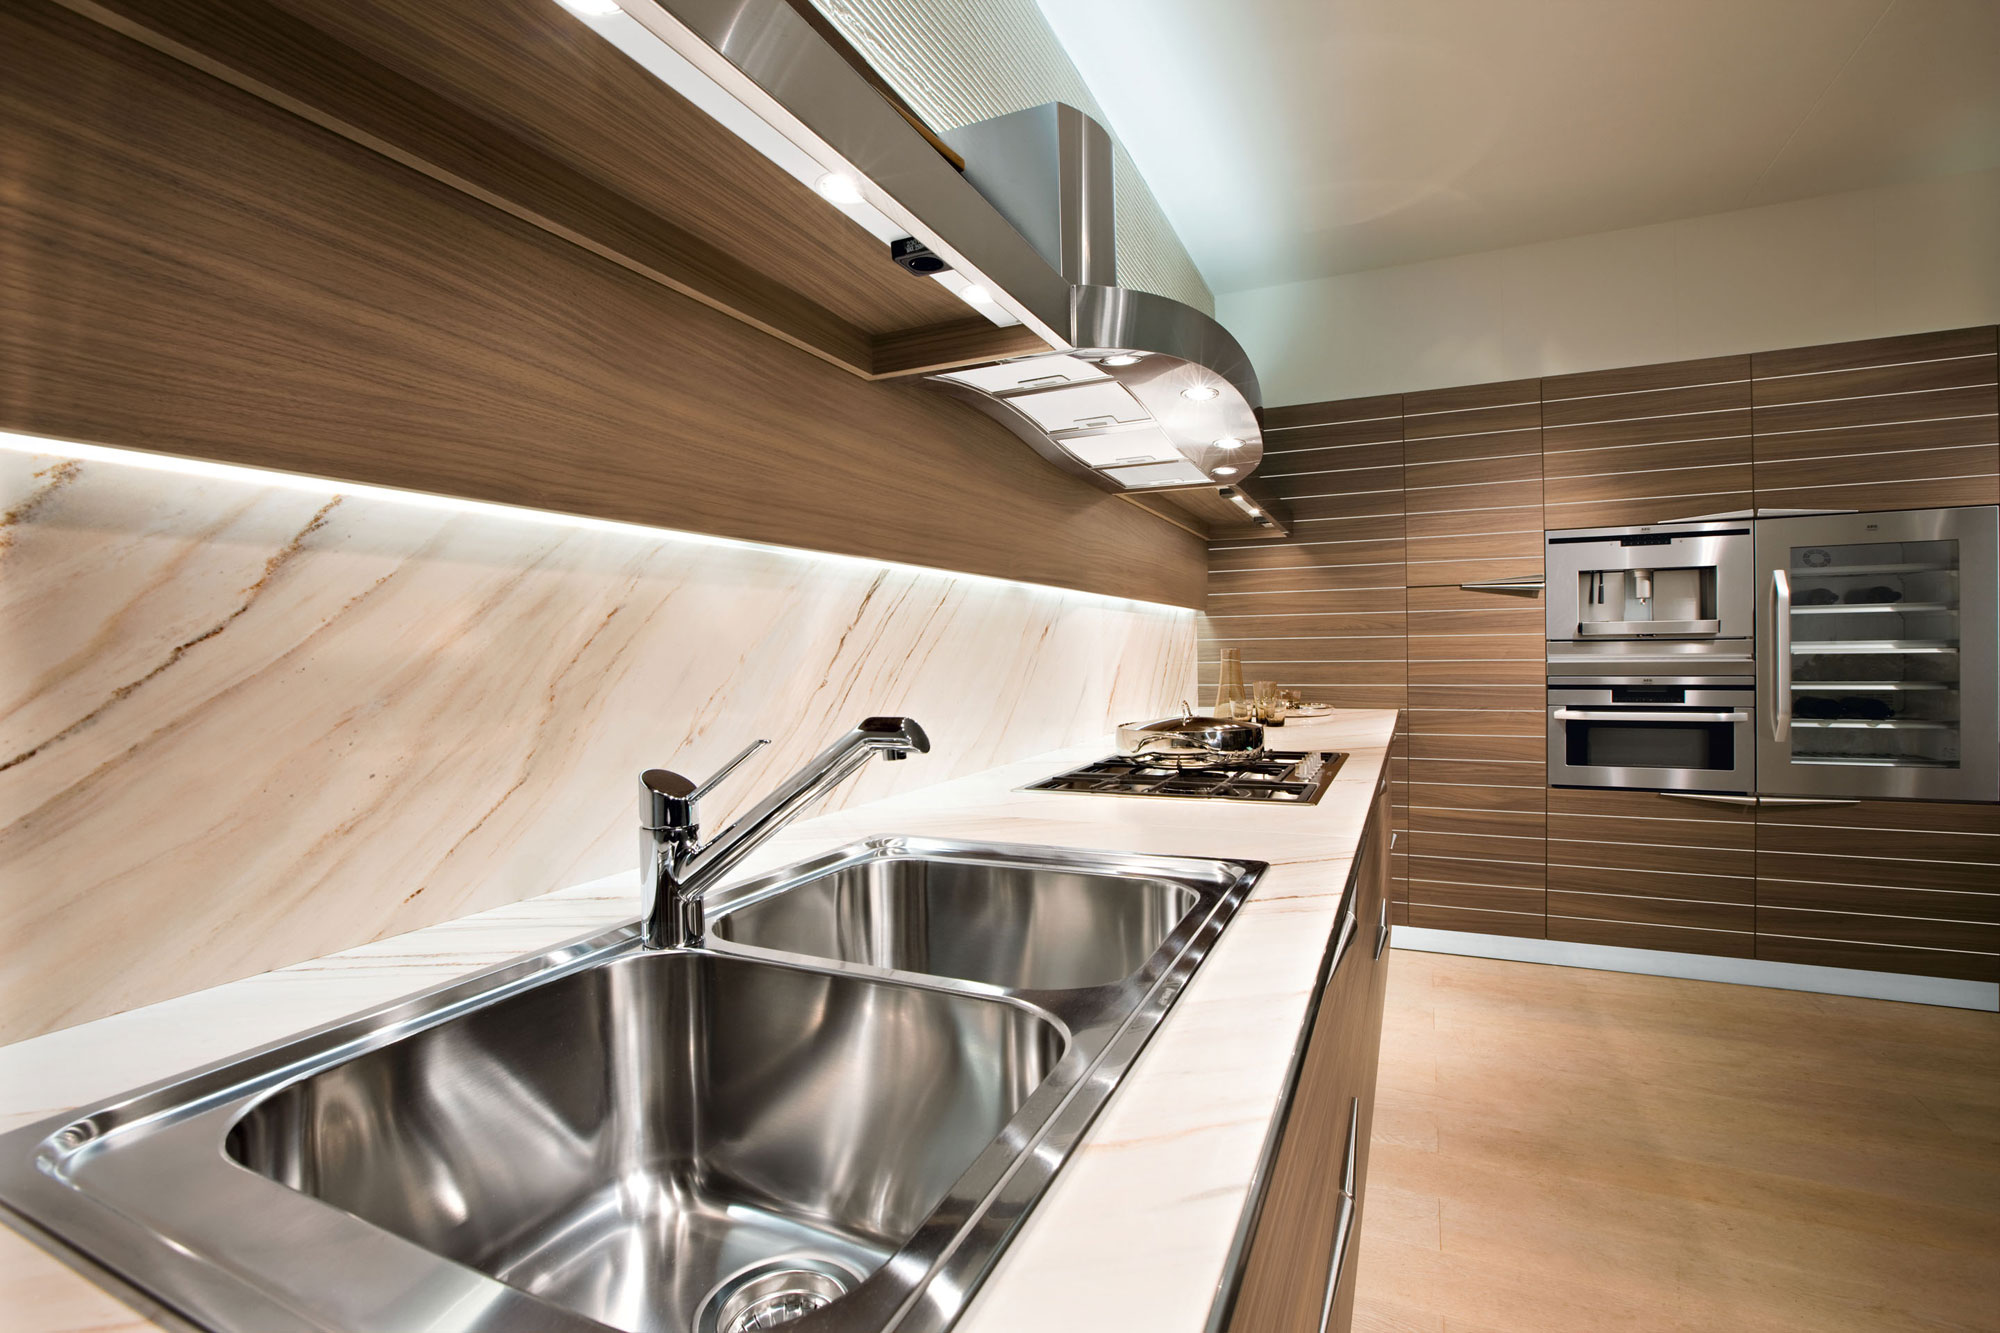 Современный дизайн кухонного гарнитура: удобная двойная раковина